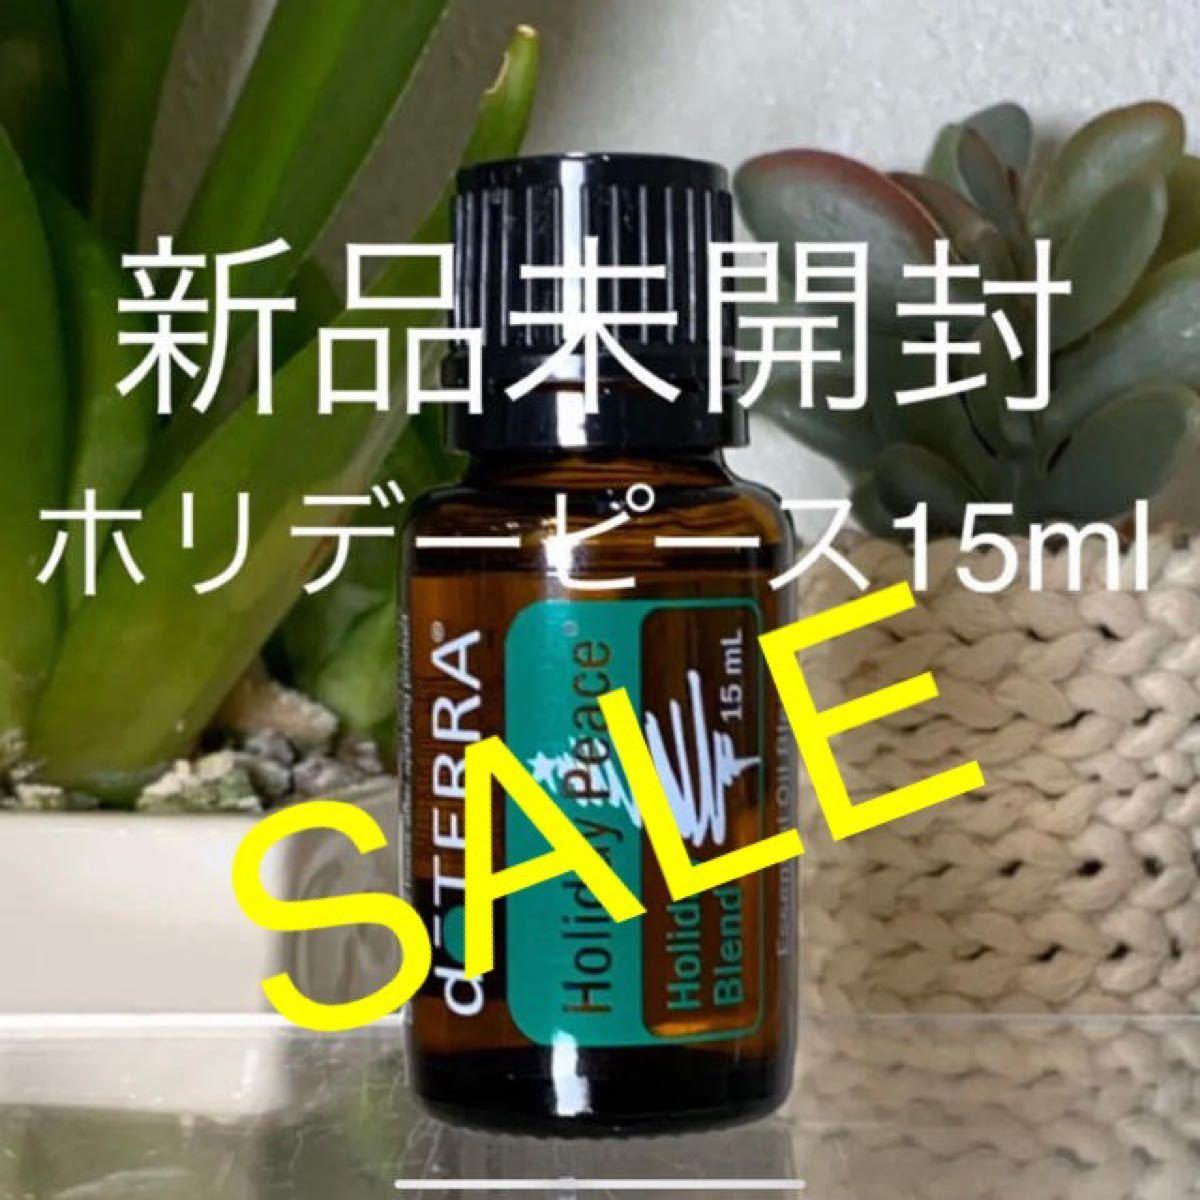 ドテラ ホリデーピース 15ml ★限定品★新品未開封★